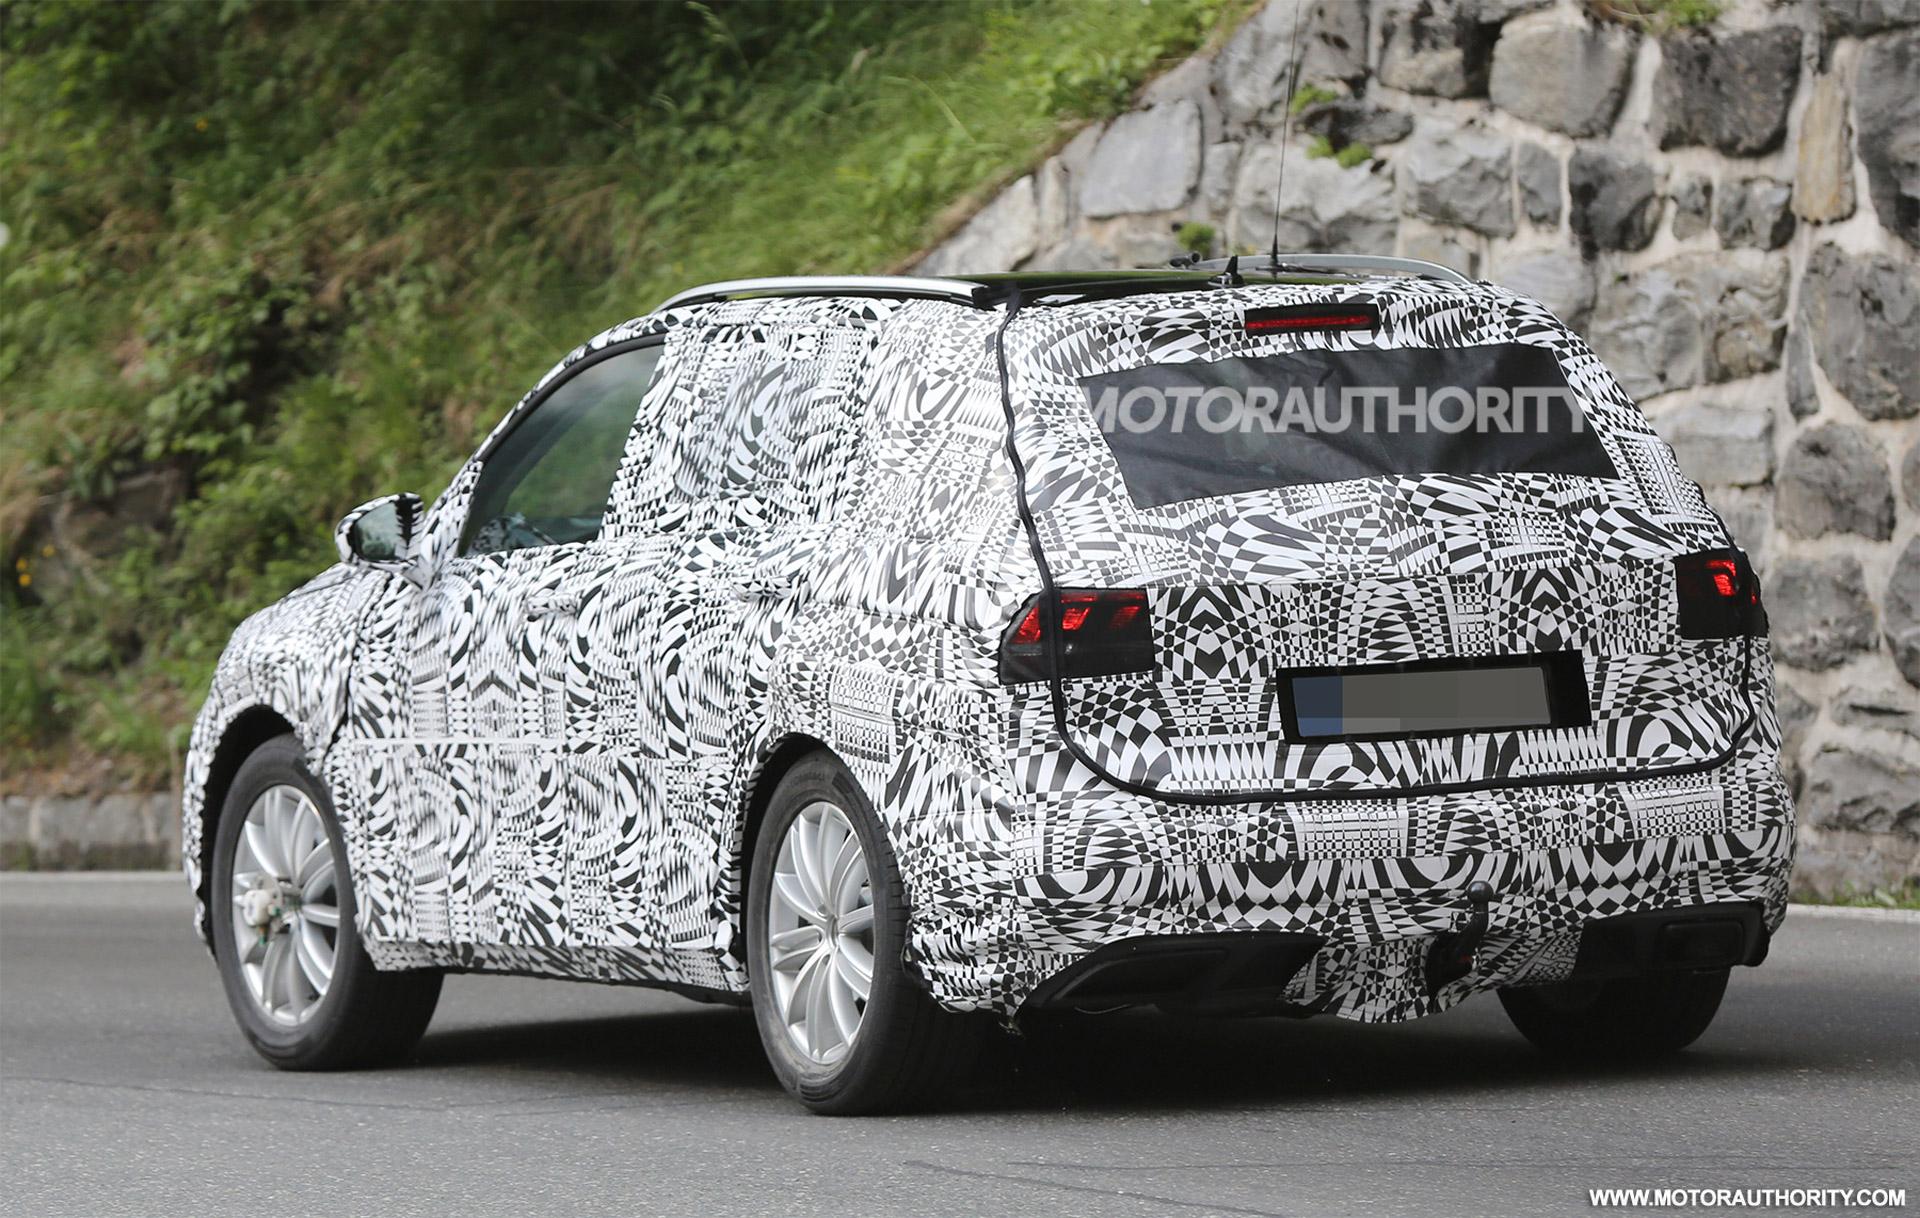 2018 Volkswagen Tiguan Spy Shots 4